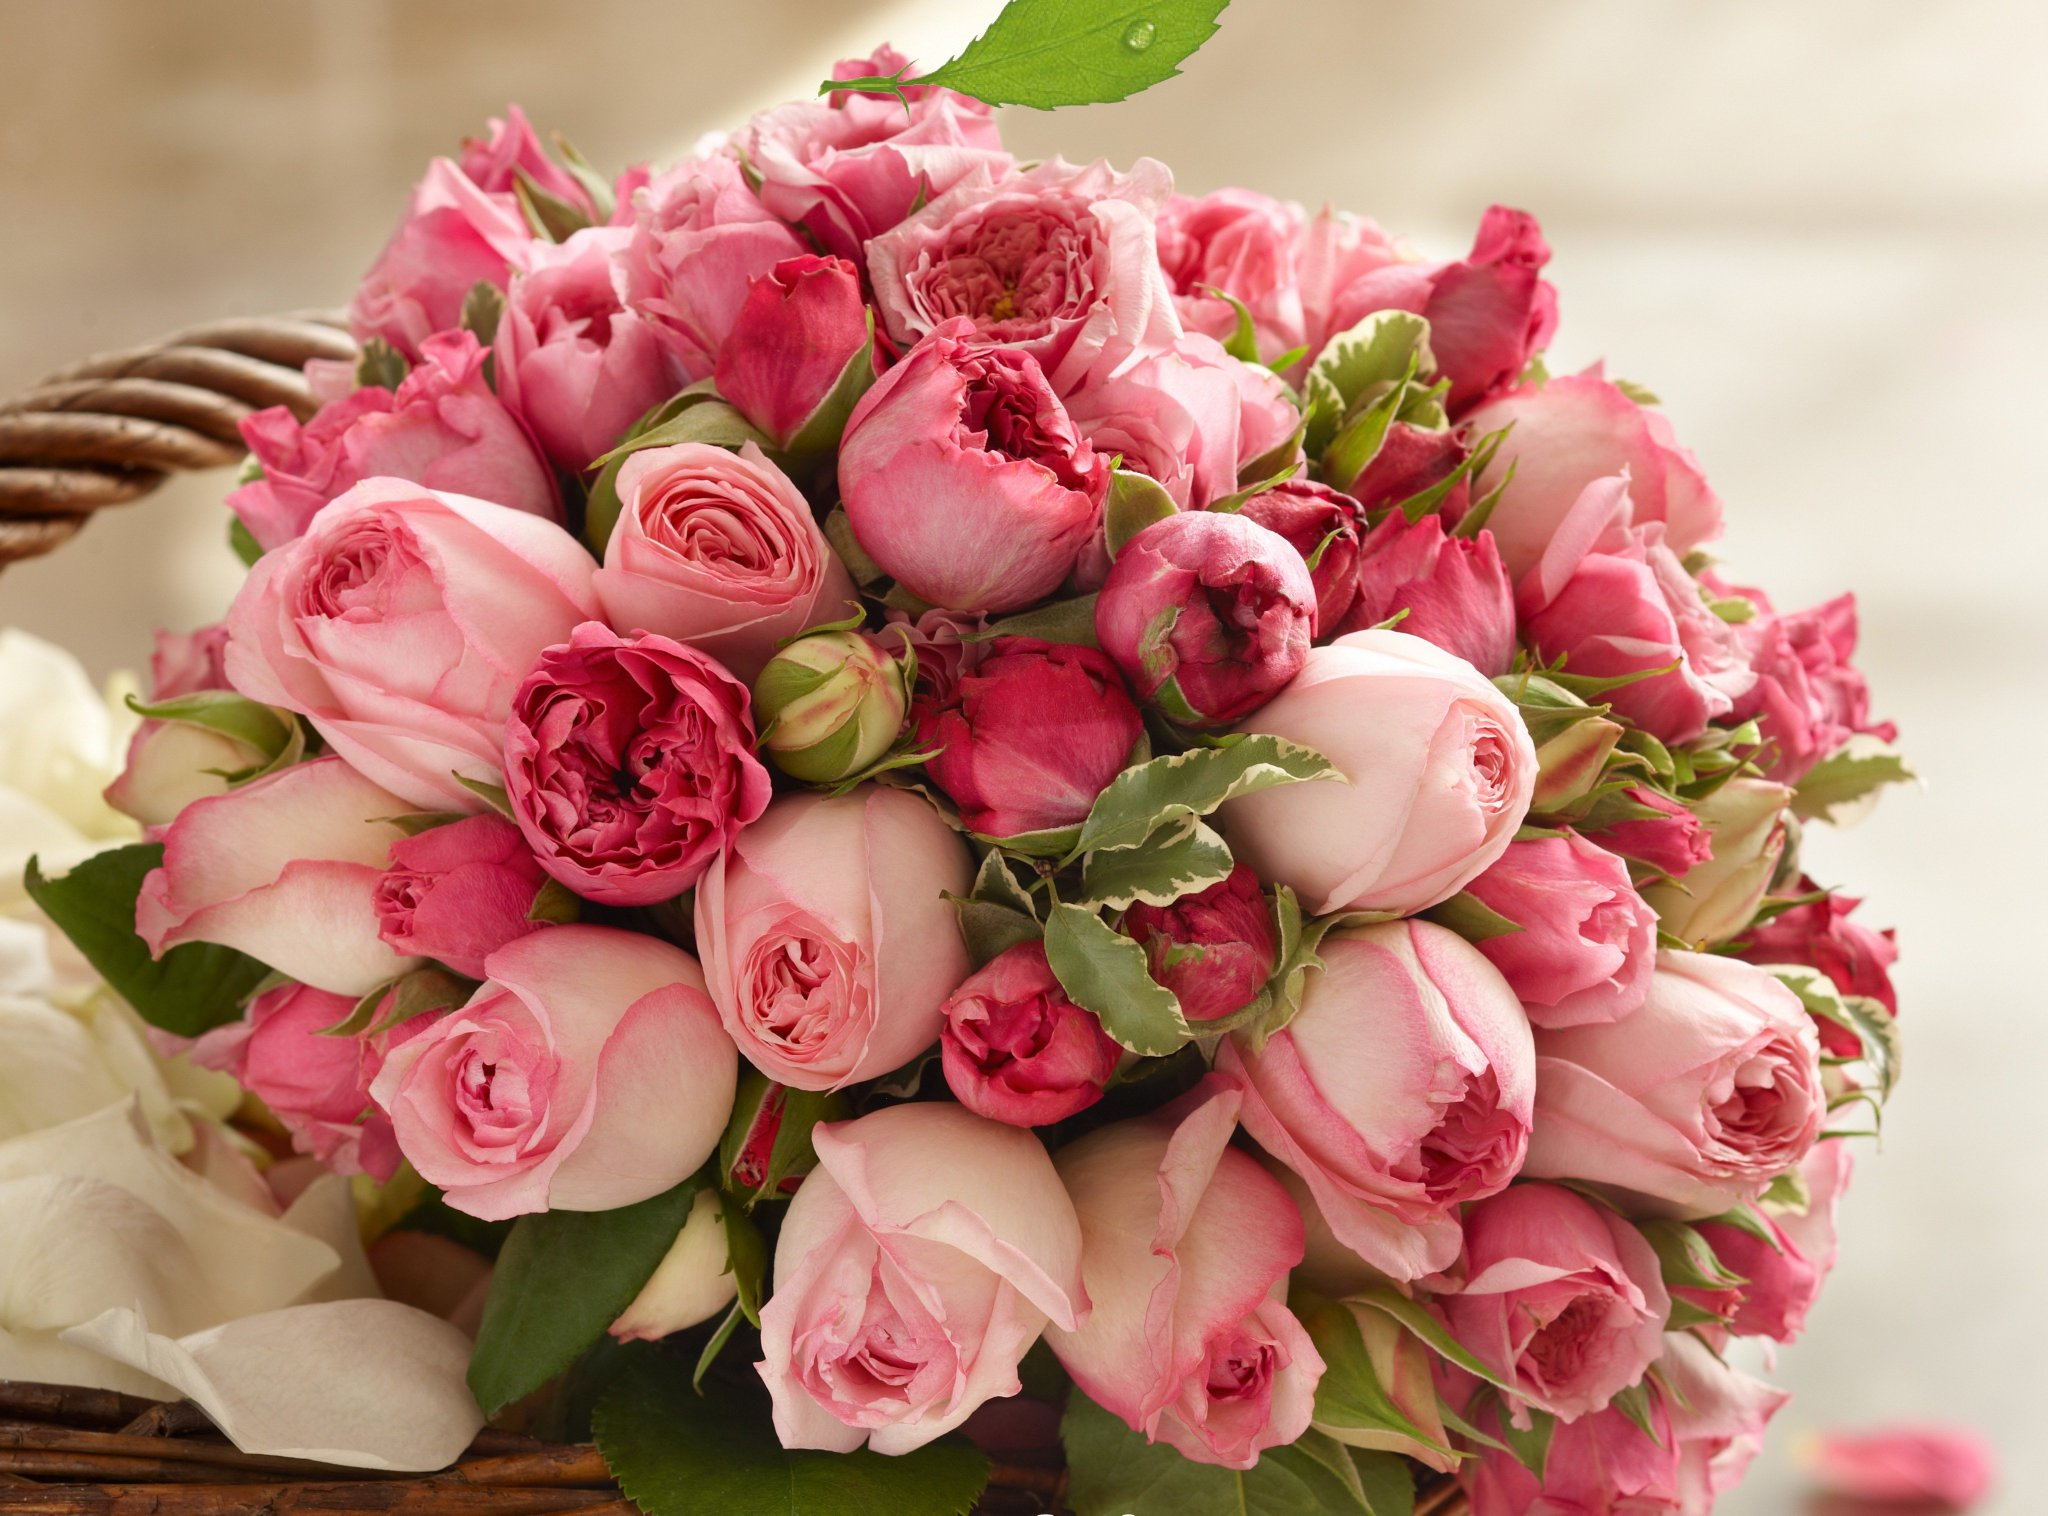 Открытки с красивыми букетами цветов в день рождения, днем рождения крестному